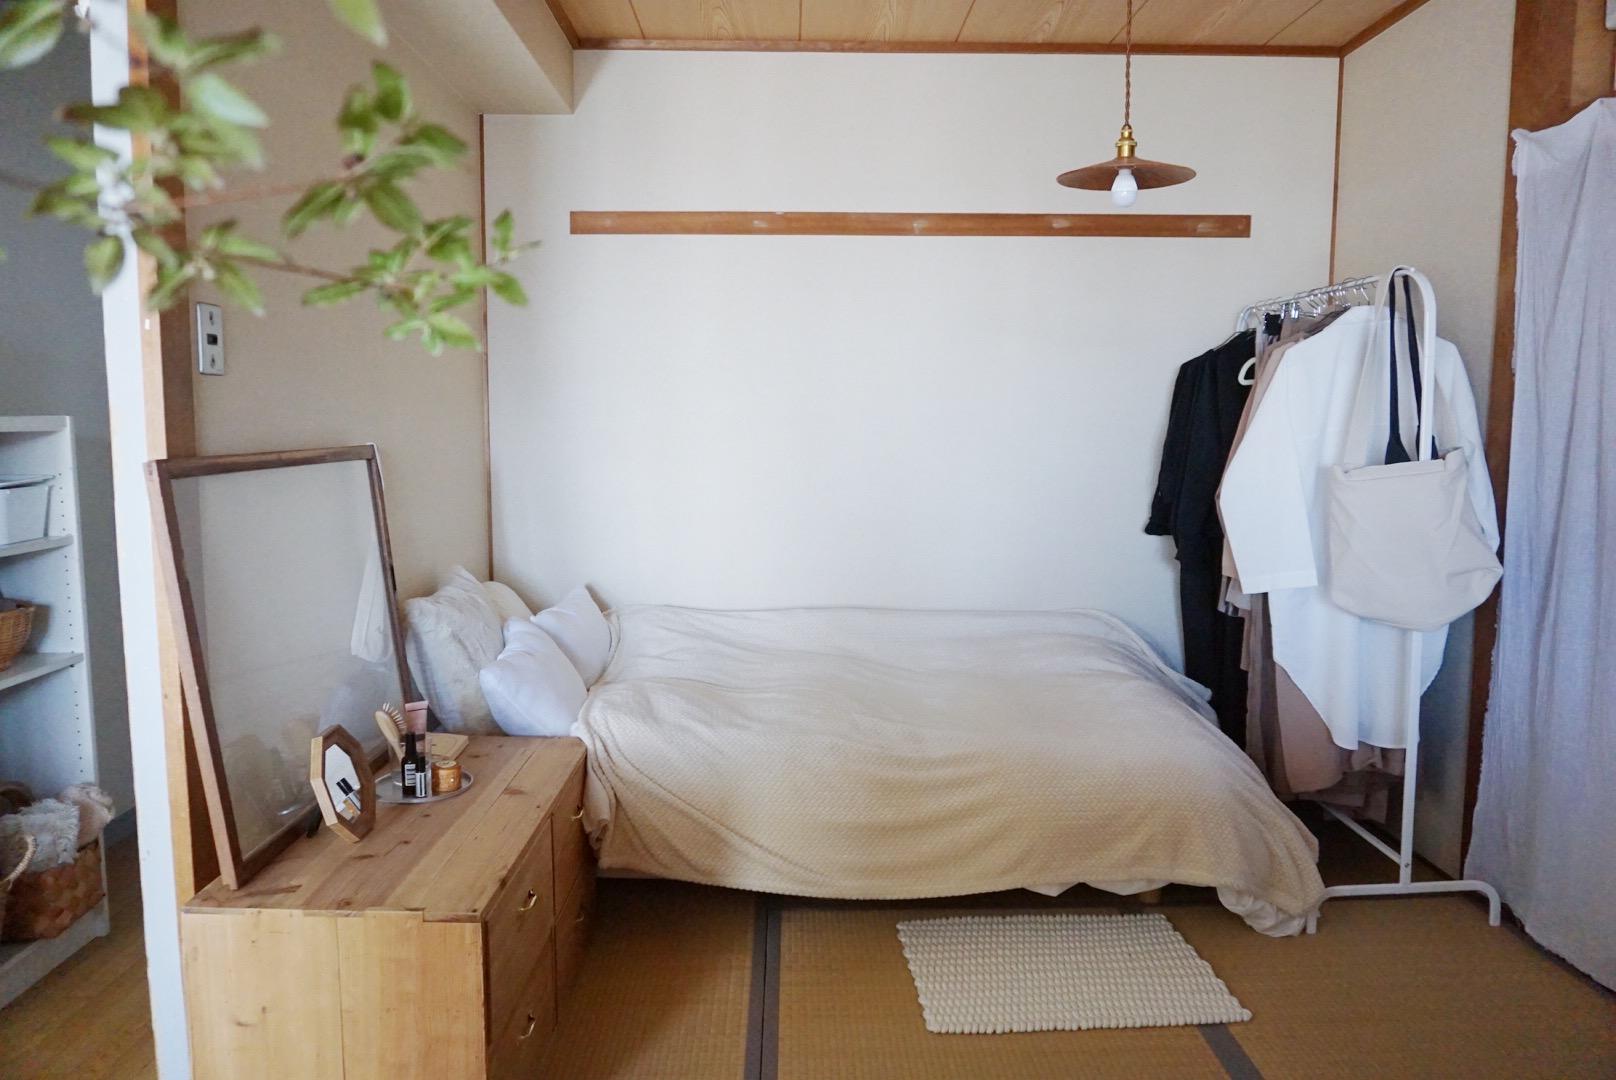 和室のあるお部屋にベッドを置いて暮らしている方。こちらもモノを置かずにシンプルな印象です。和の温かみに合わせて棚や照明をチョイスしているので、統一感もあり、安心できる空間に。